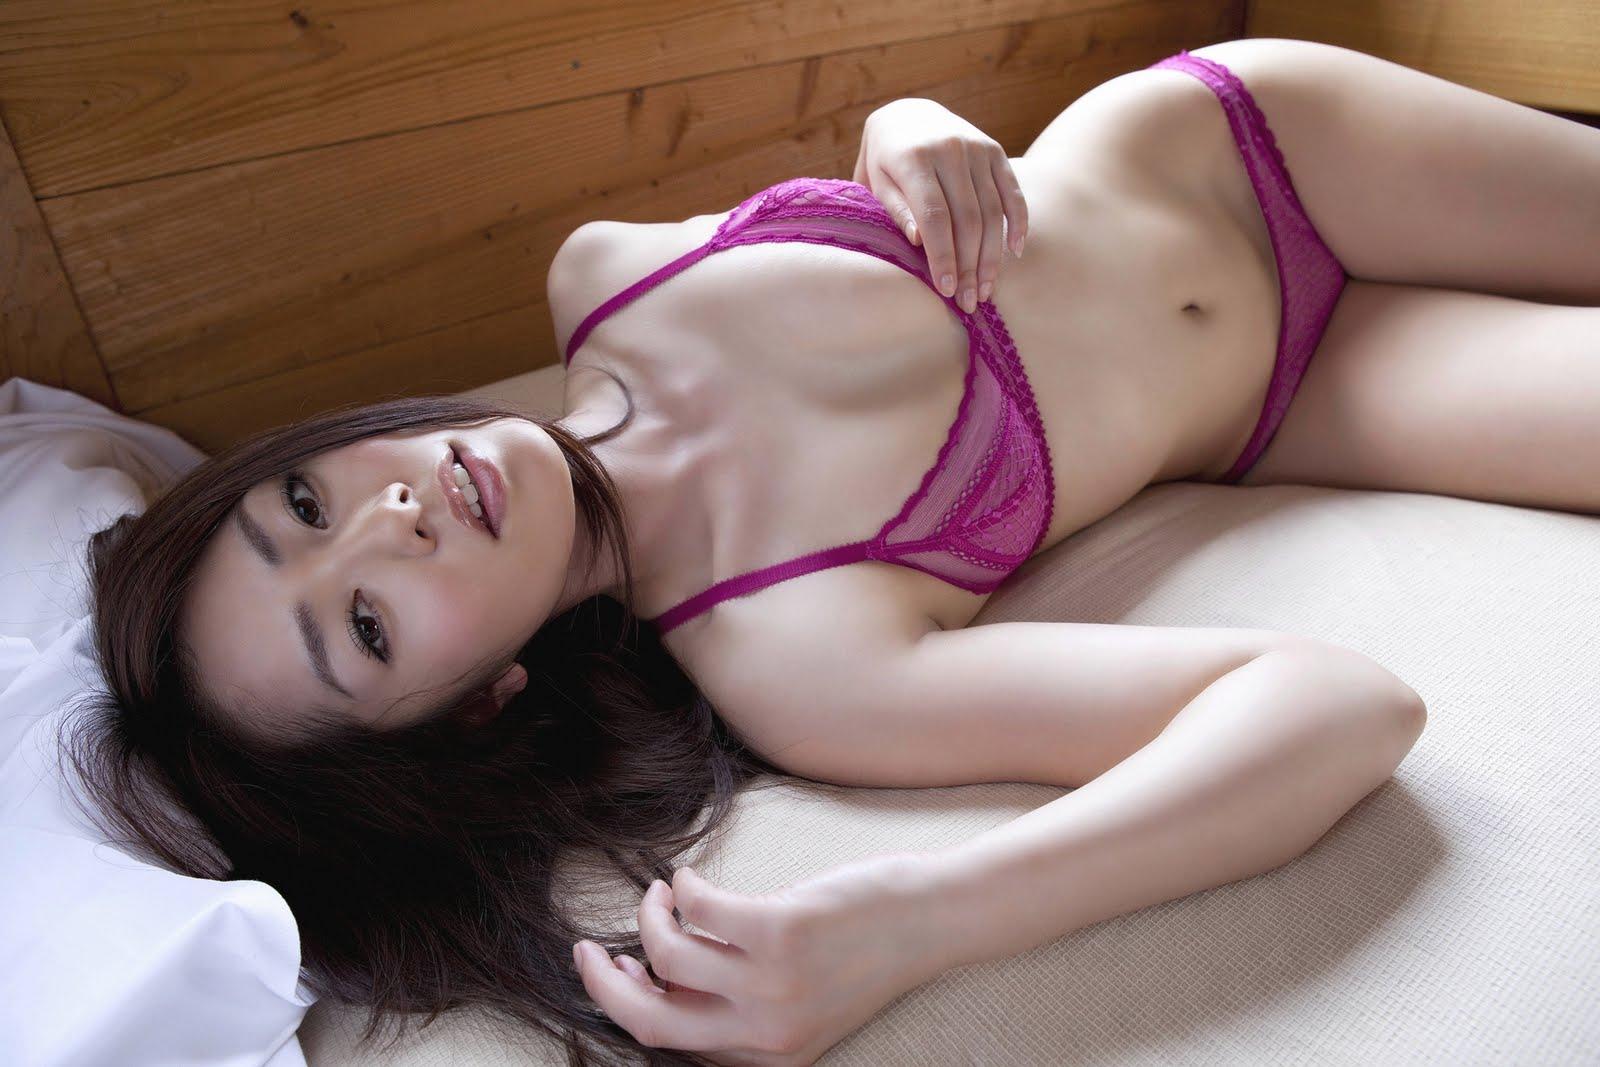 Японское голых девушек, Бесплатное Японское Порно, Голые Японки - смотреть 2 фотография